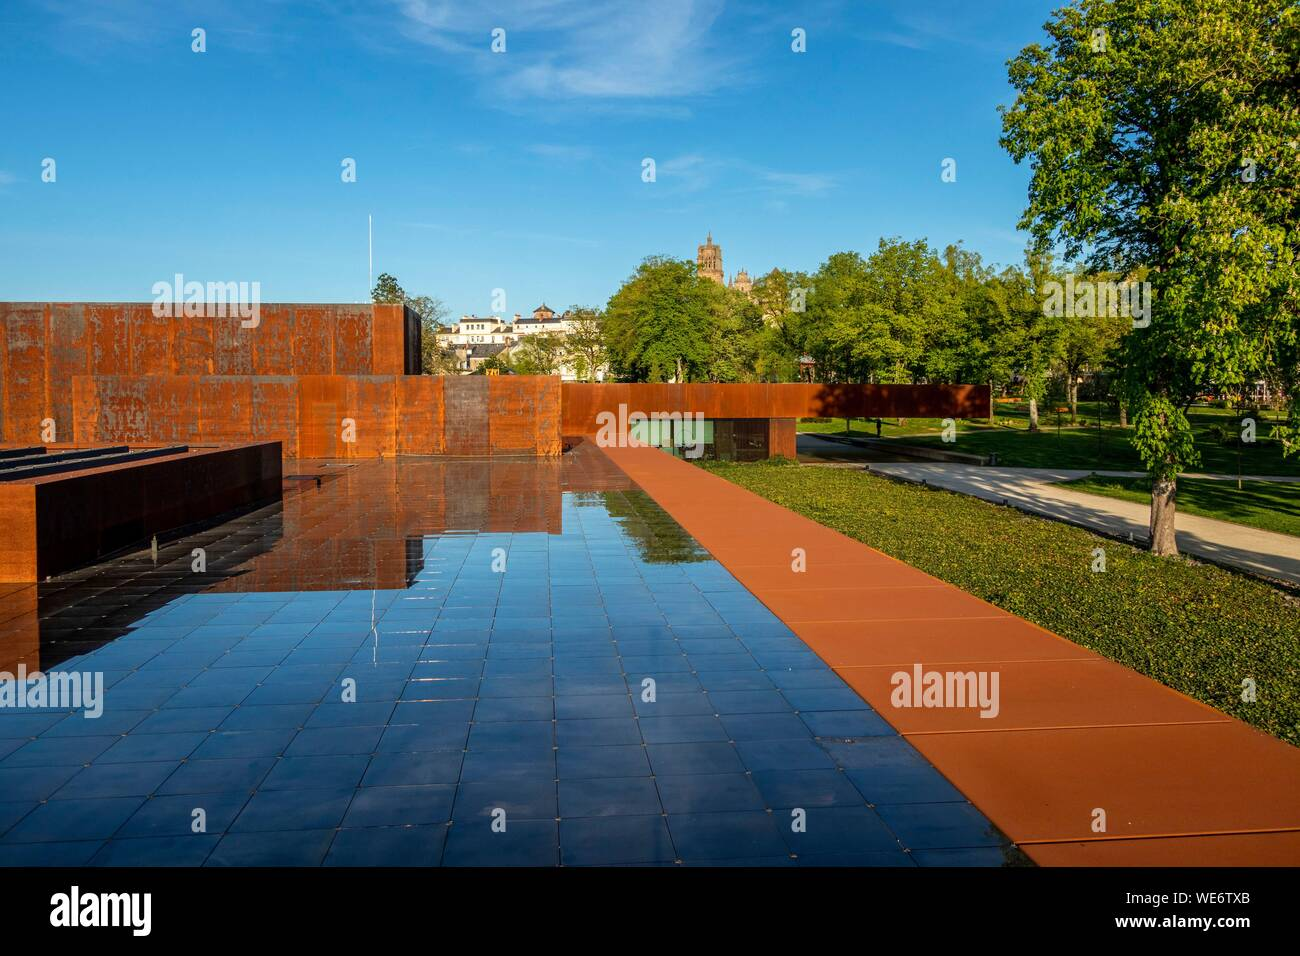 Frankreich, Aveyron, Rodez, die soulages Museum, vom katalanischen Architekten RCR mit Passelac & Roques und der Kathedrale Notre Dame im Zusammenhang konzipiert Stockfoto